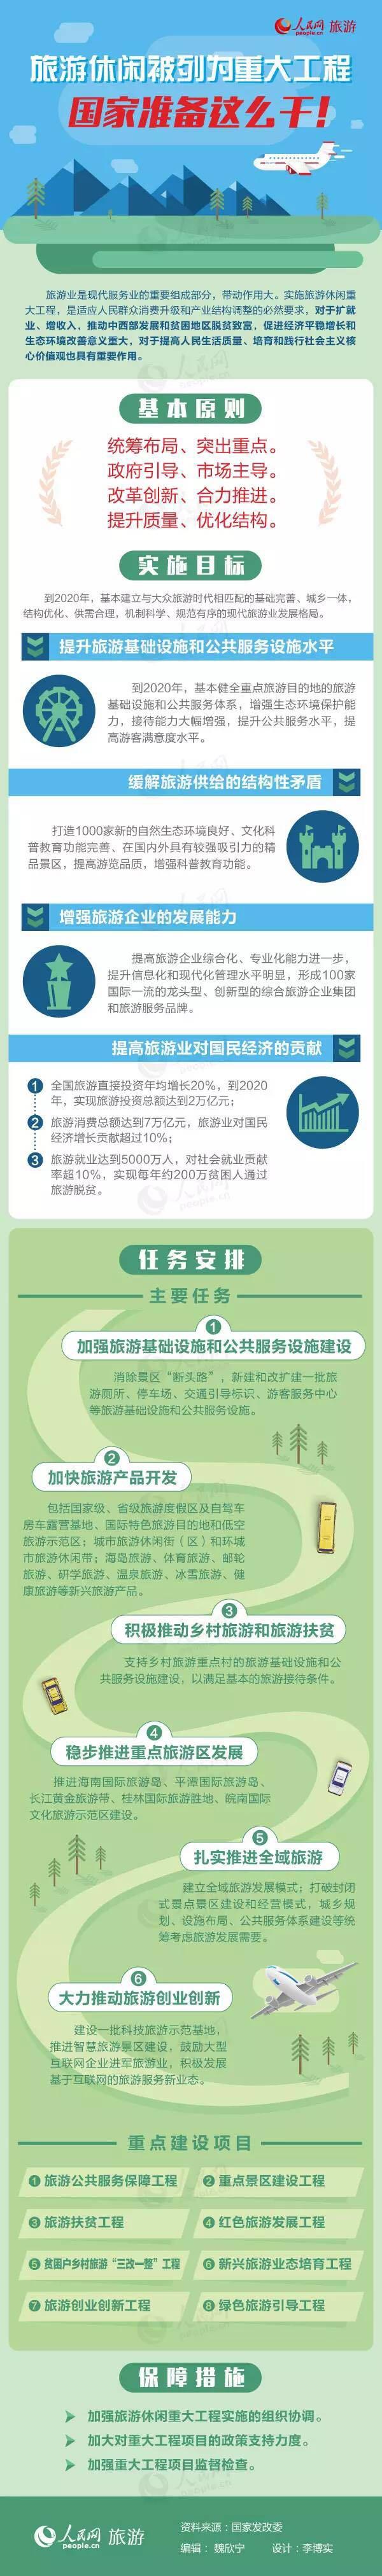 发改委:《关于实施旅游休闲重大工程的通知》